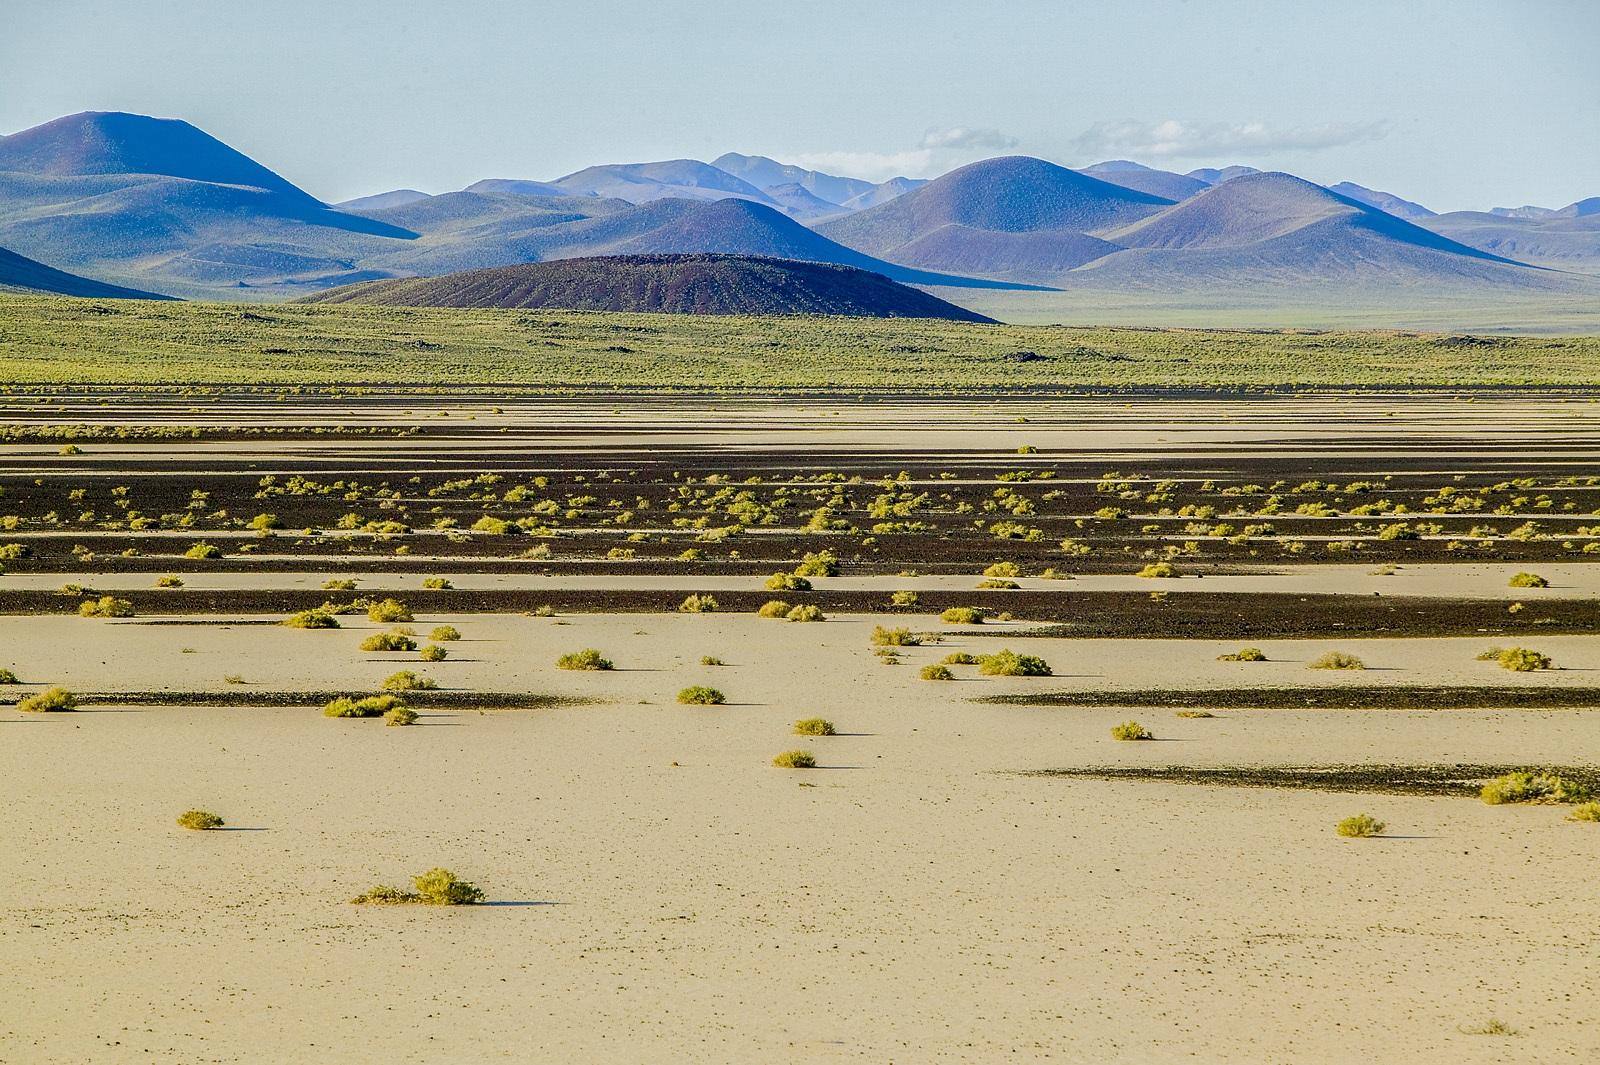 Nevada Scenic Landscape 806V6625 v2 Lunar Lake